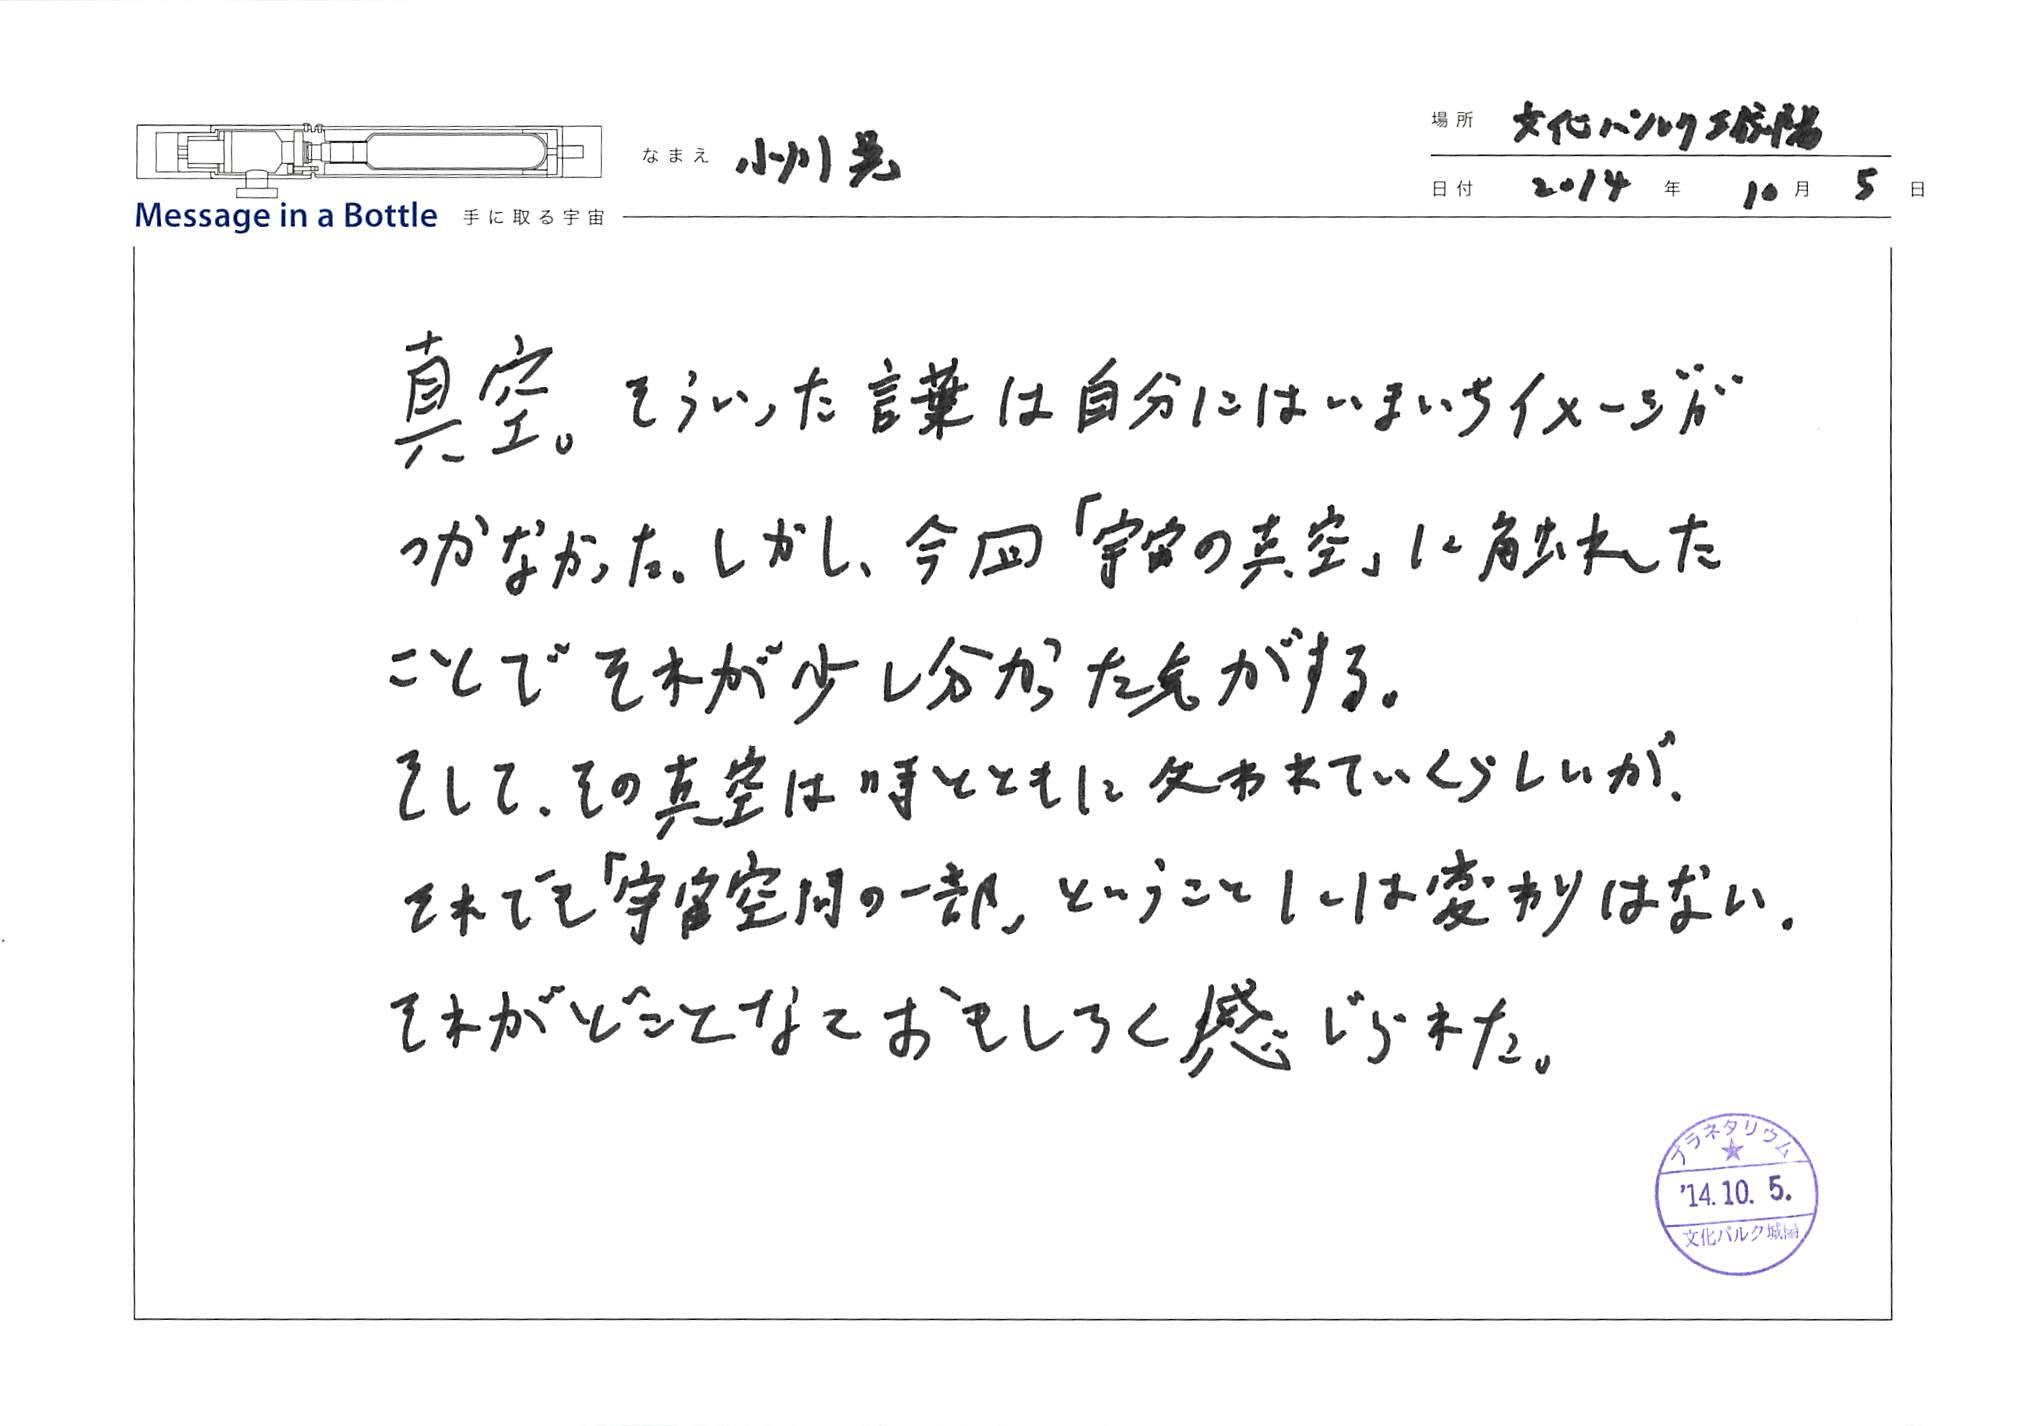 2014-10-05-17-51-28.jpg